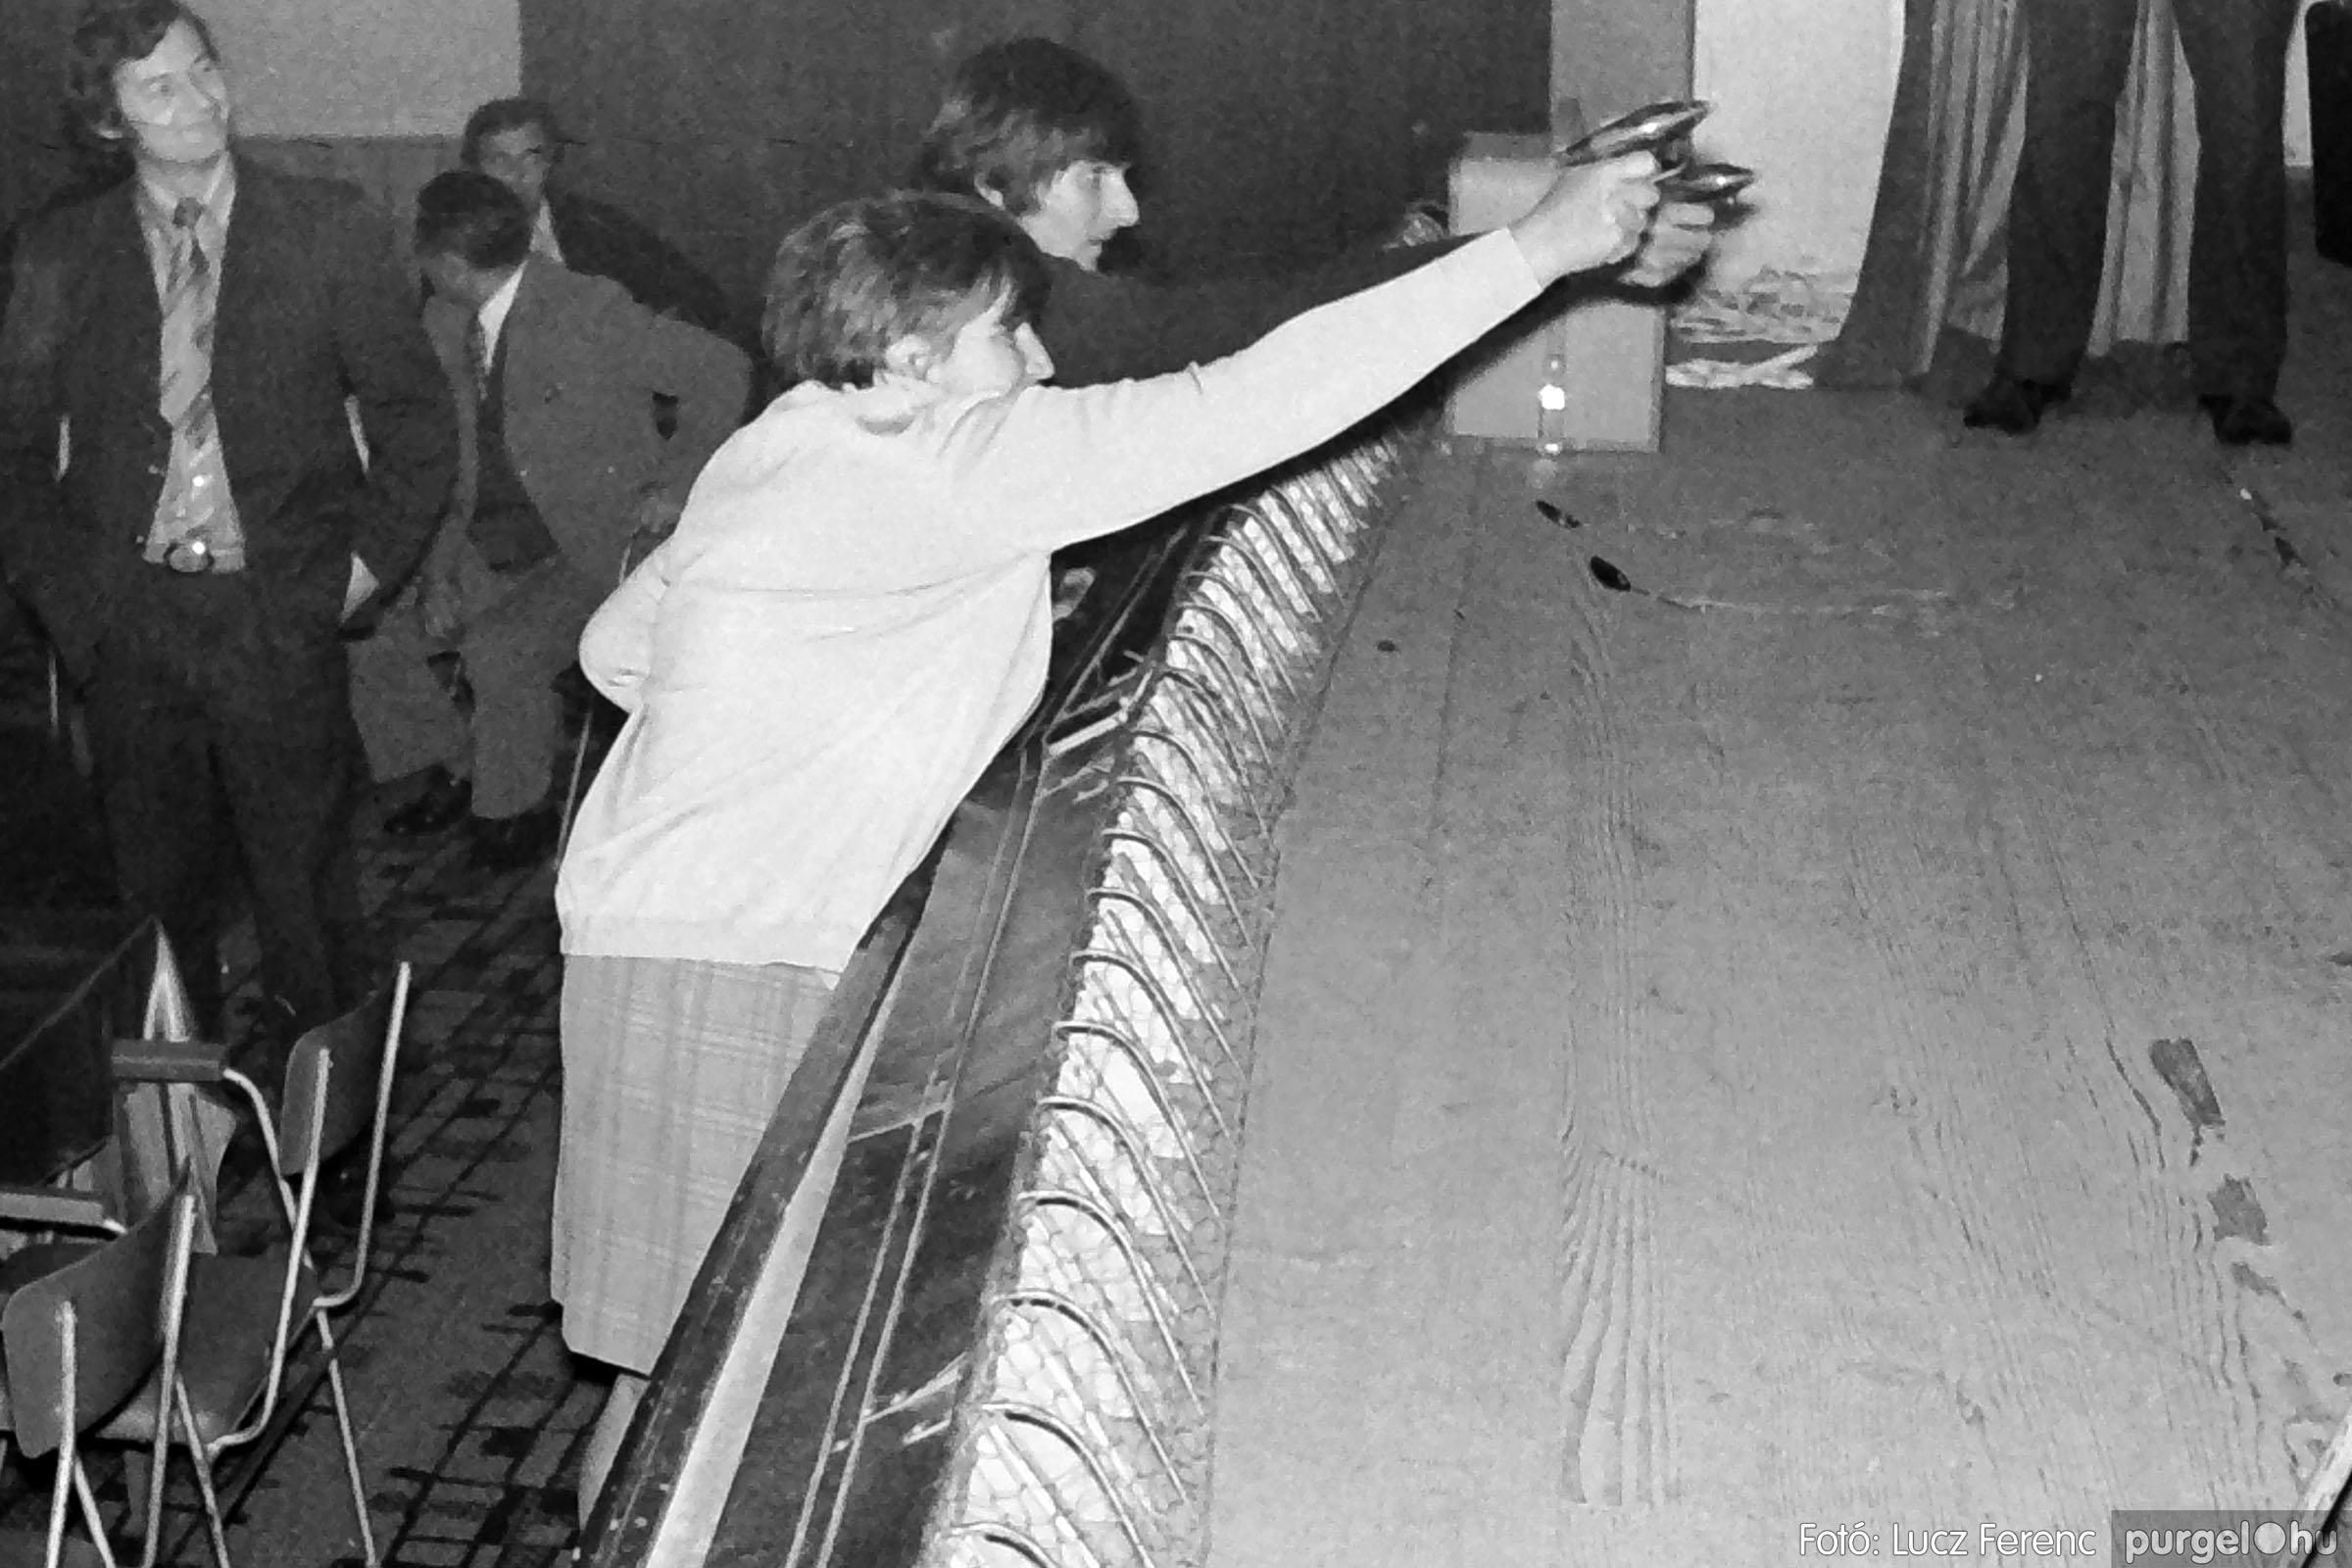 004A 1970-es évek - Kendergyári dolgozók vetélkedője 024 - Fotó: Lucz Ferenc IMG00104q.jpg